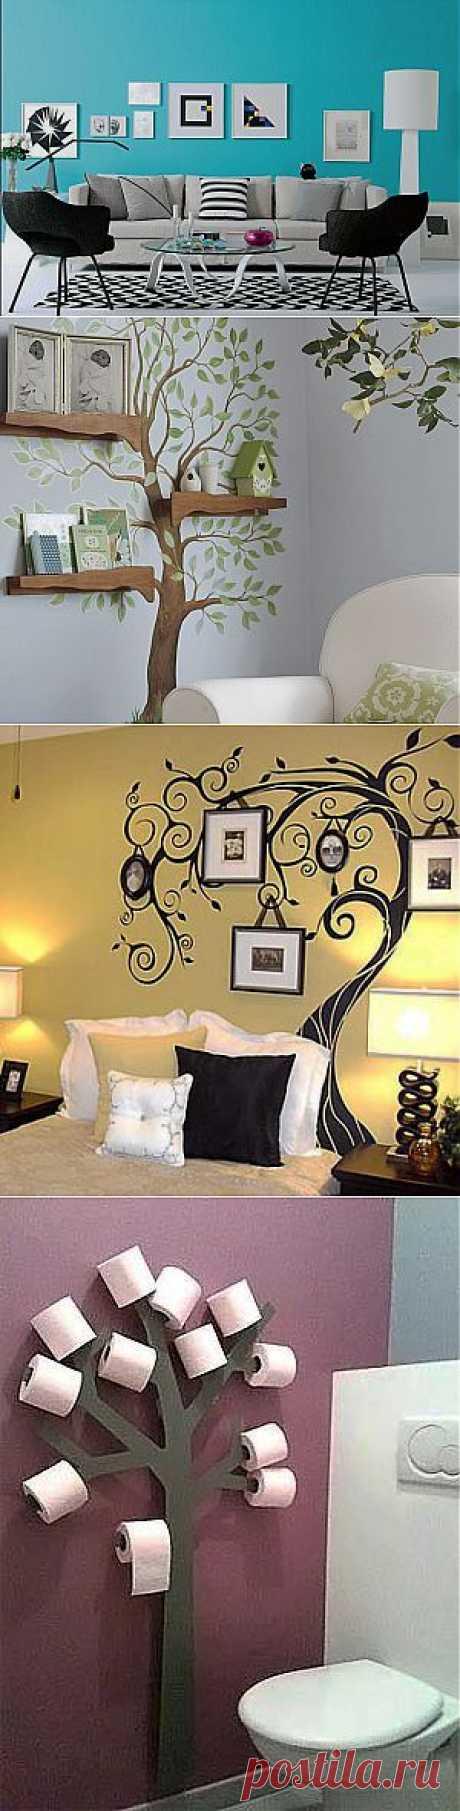 (+1) тема - Креативные идеи для украшения стен в доме   Интерьер и Дизайн